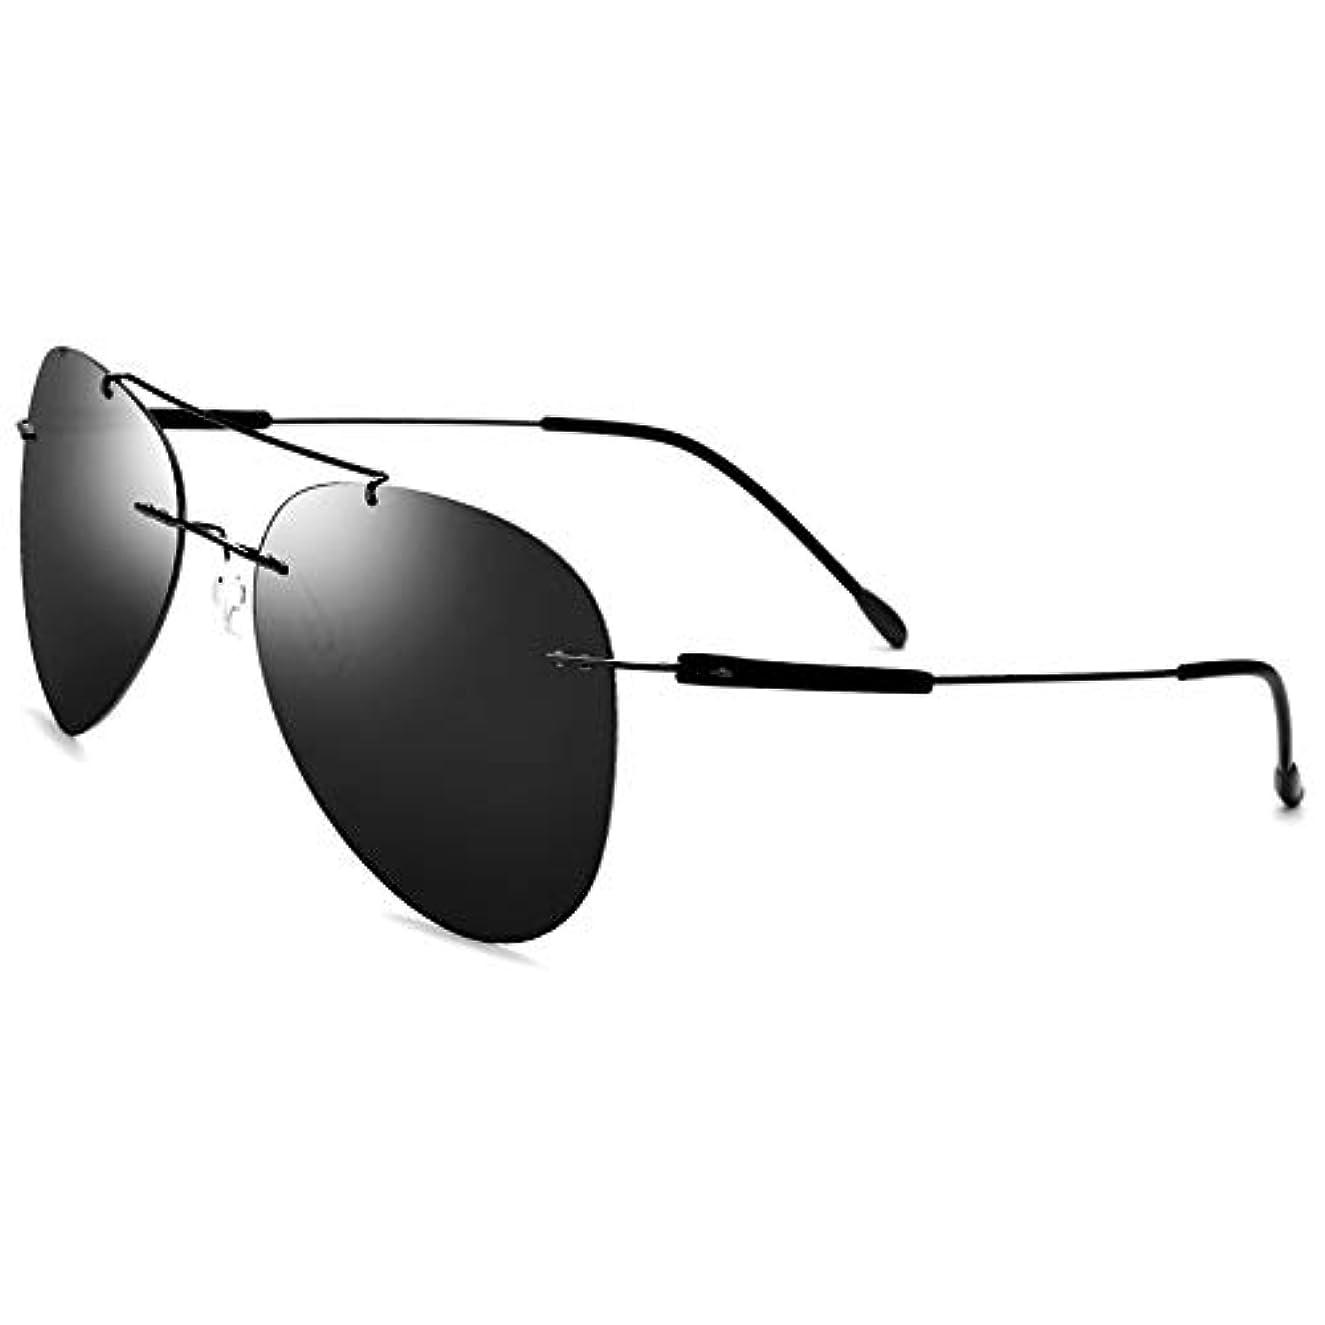 最小化するダイバー変色するOstulla メンズサングラスUVカット絶縁放射線超軽量デザインスタイリッシュな丈夫な品質保証 気配りの行き届いたサービス (サイズ : ワンサイズ)